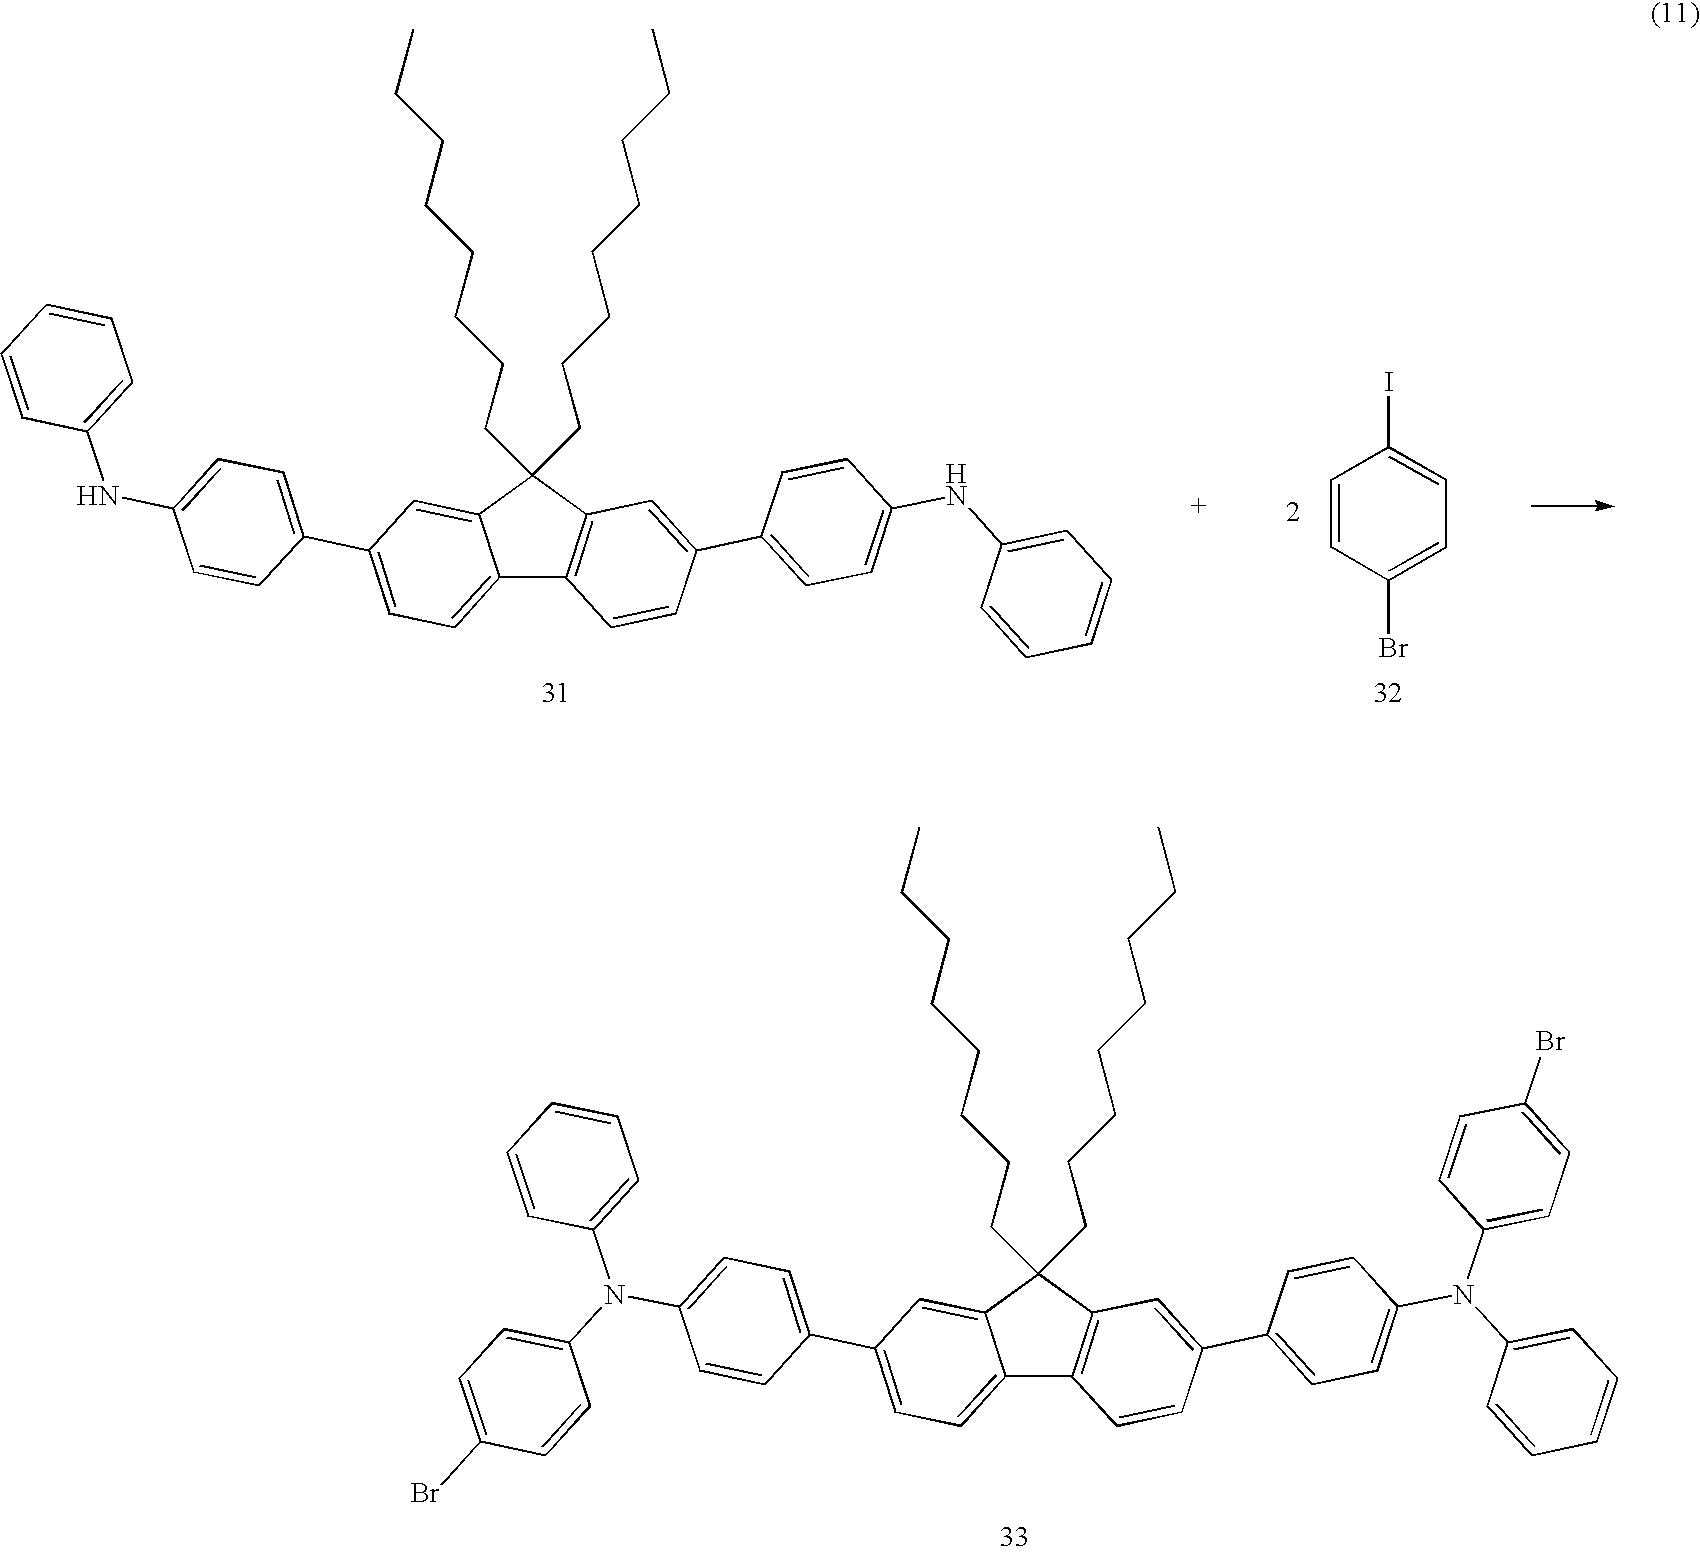 Figure US20100252819A1-20101007-C00037